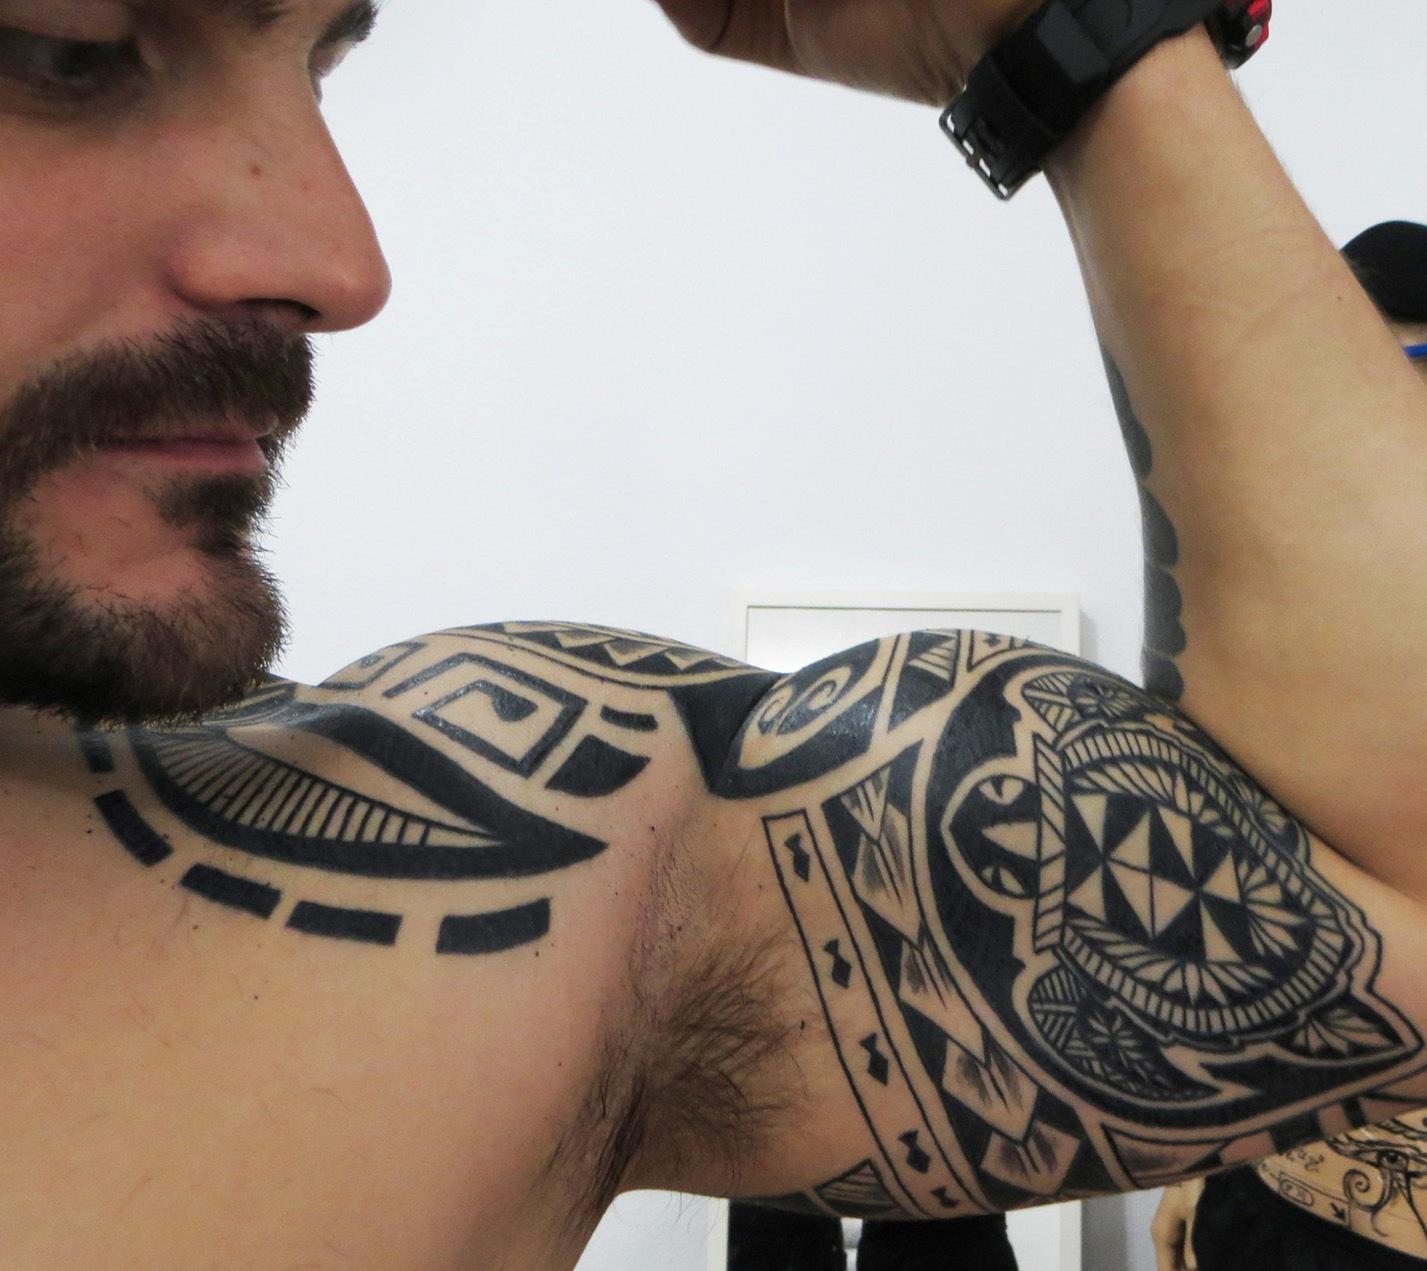 hombro y biceps 1 - Tatuajes en el hombro